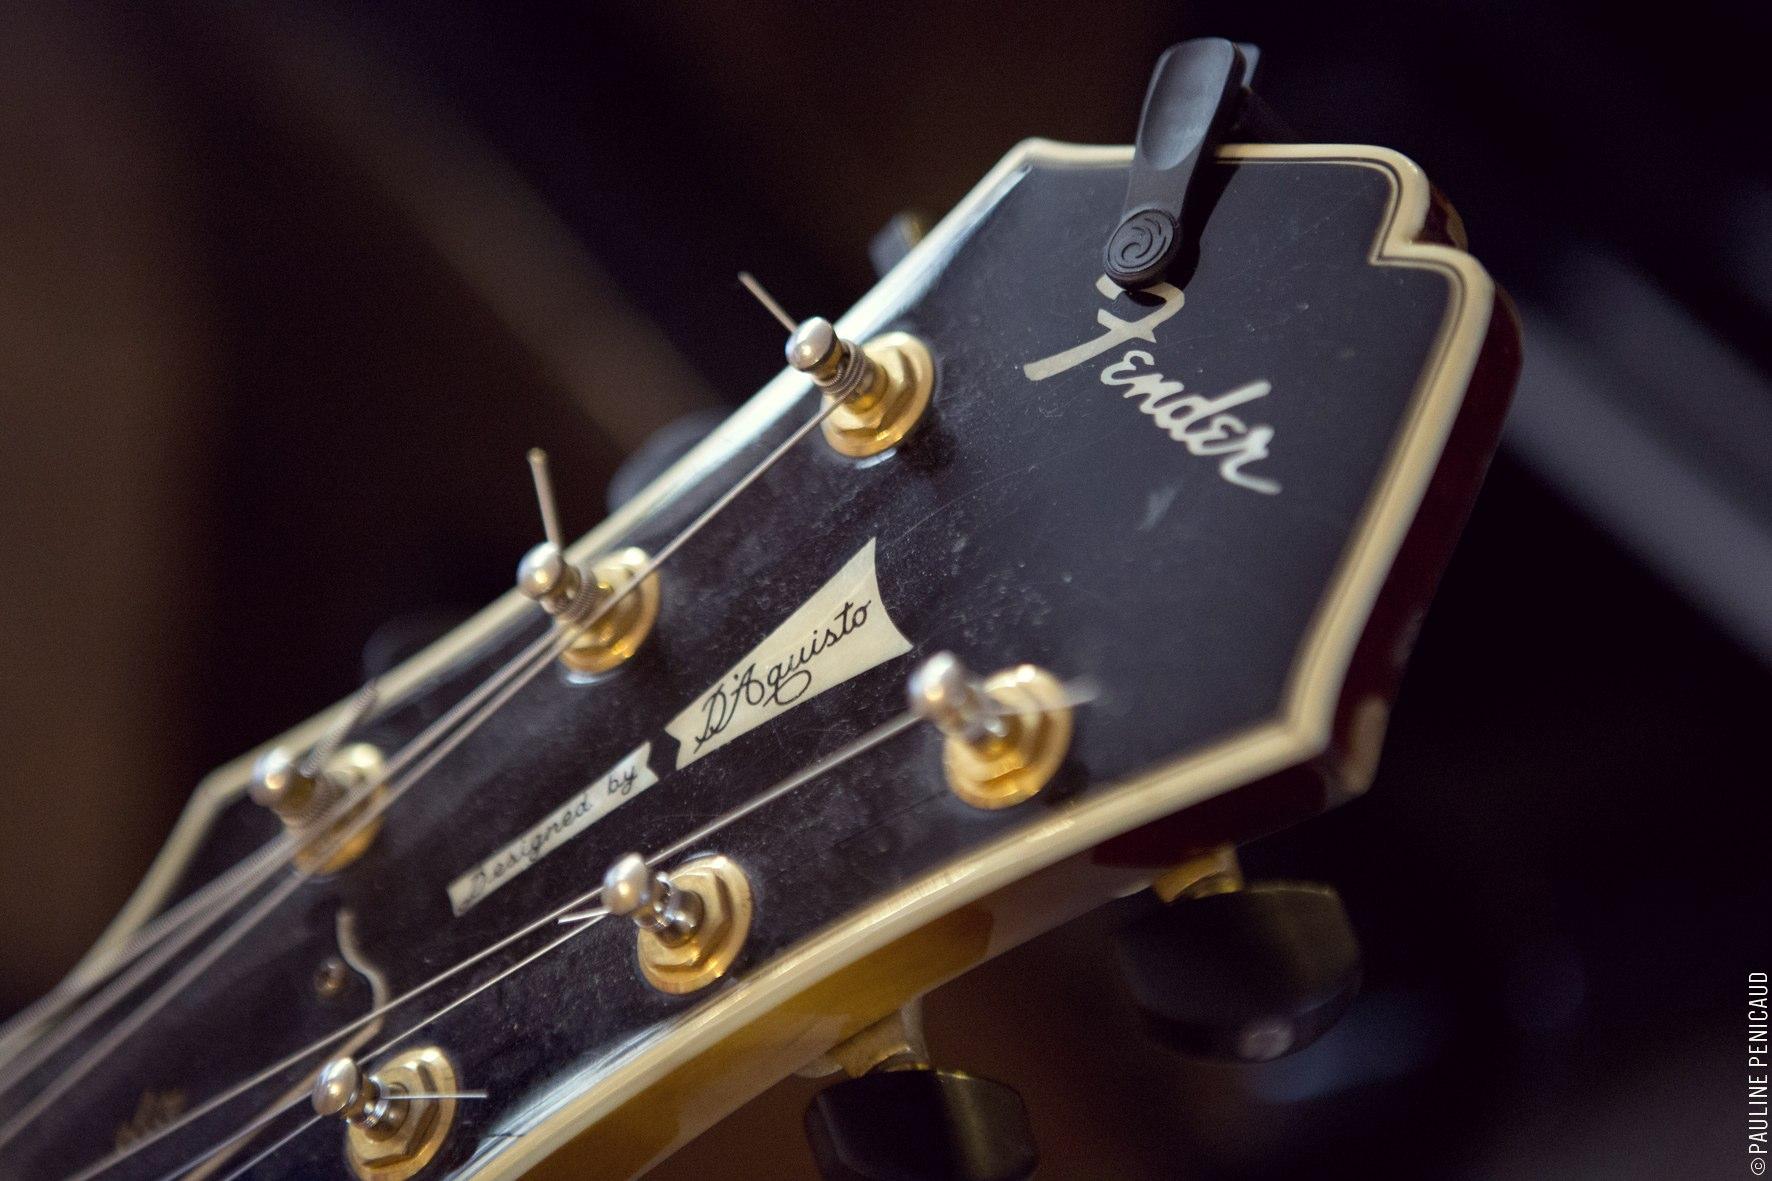 Guitare_Fender-1432827726.jpg